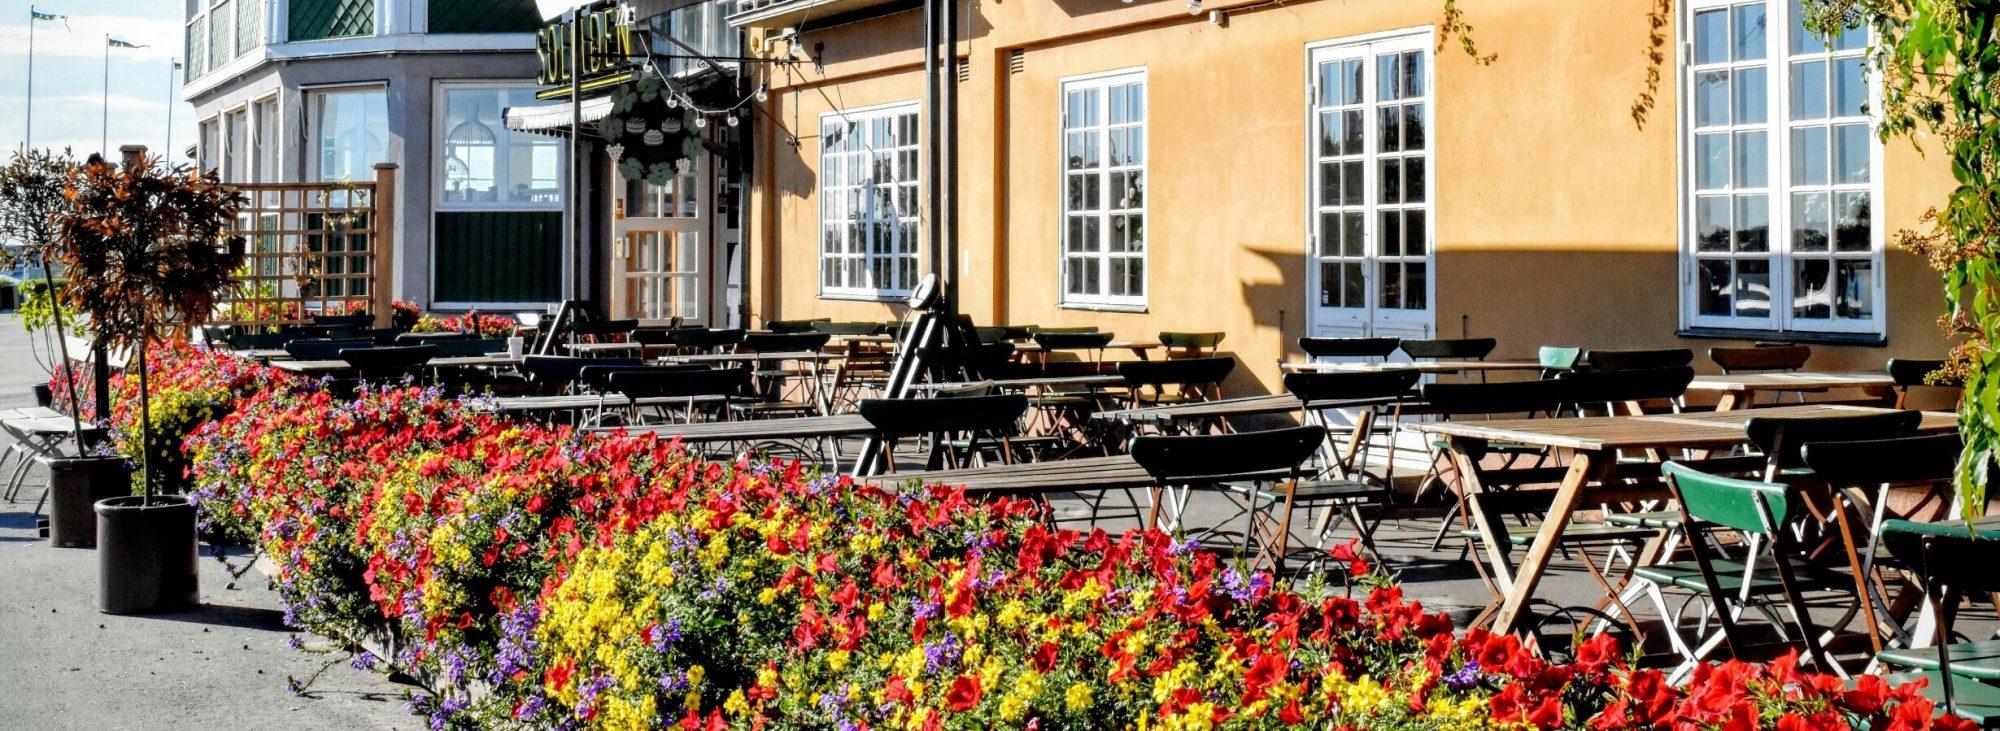 一般社団法人スウェーデン社会研究所